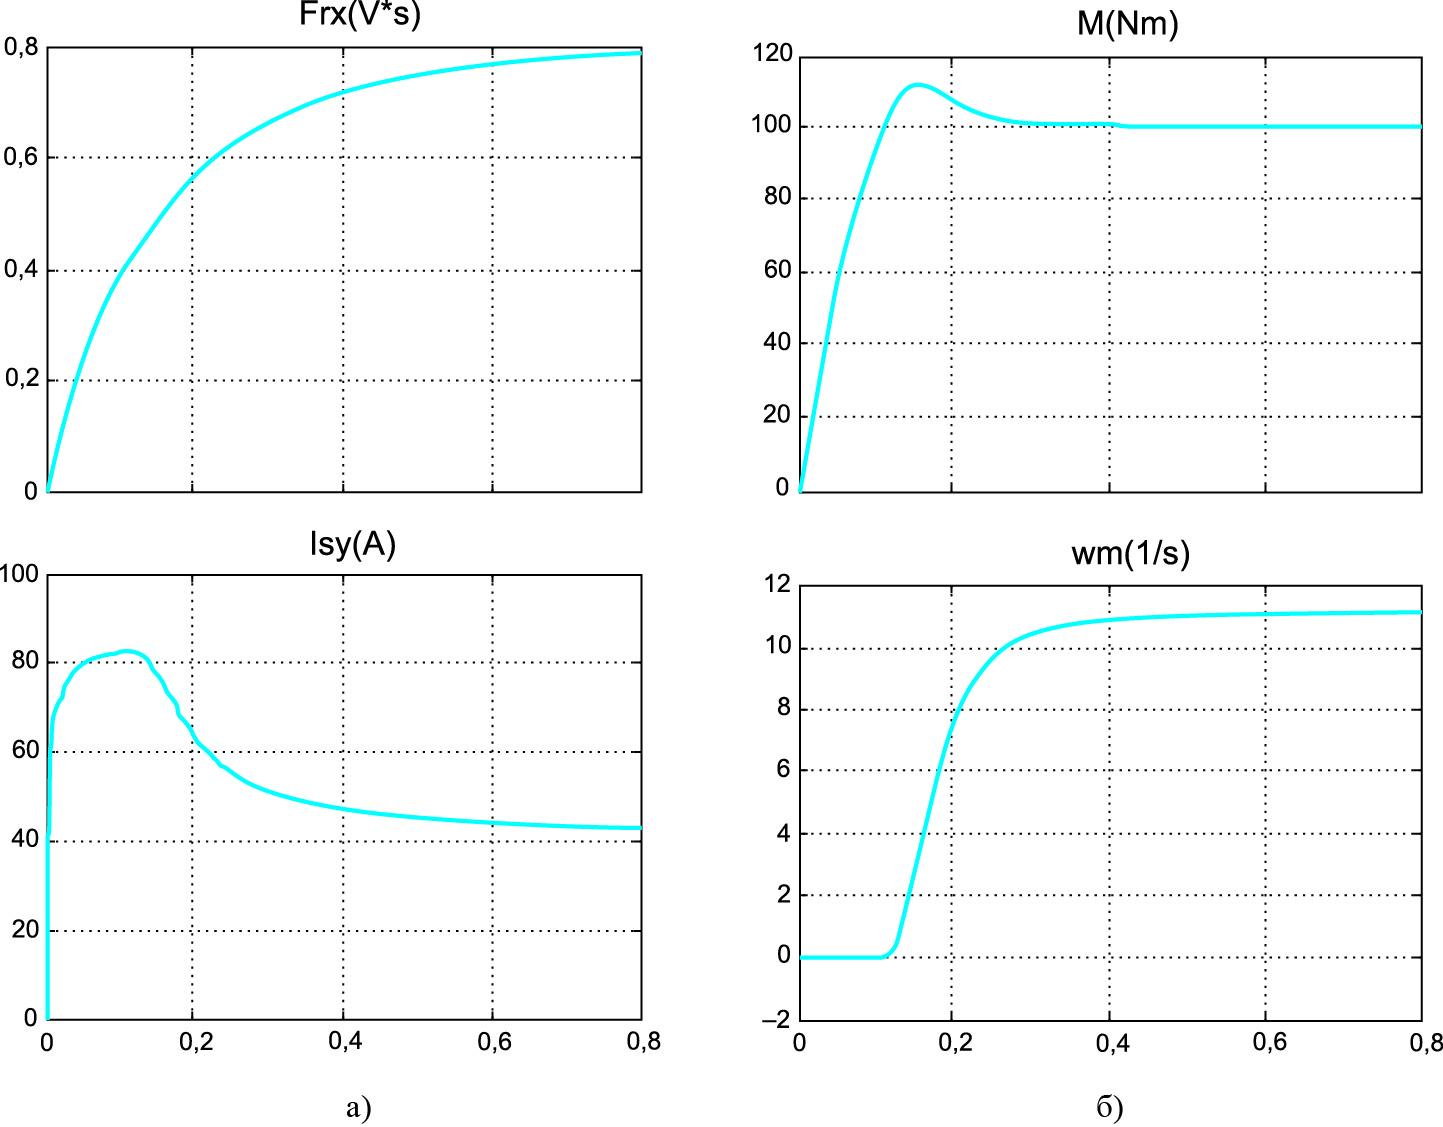 Результаты моделирования переходных процессов по моменту и скорости в структурной модели в системе координат, вращающейся со скоростью, определенной уравнением (5)